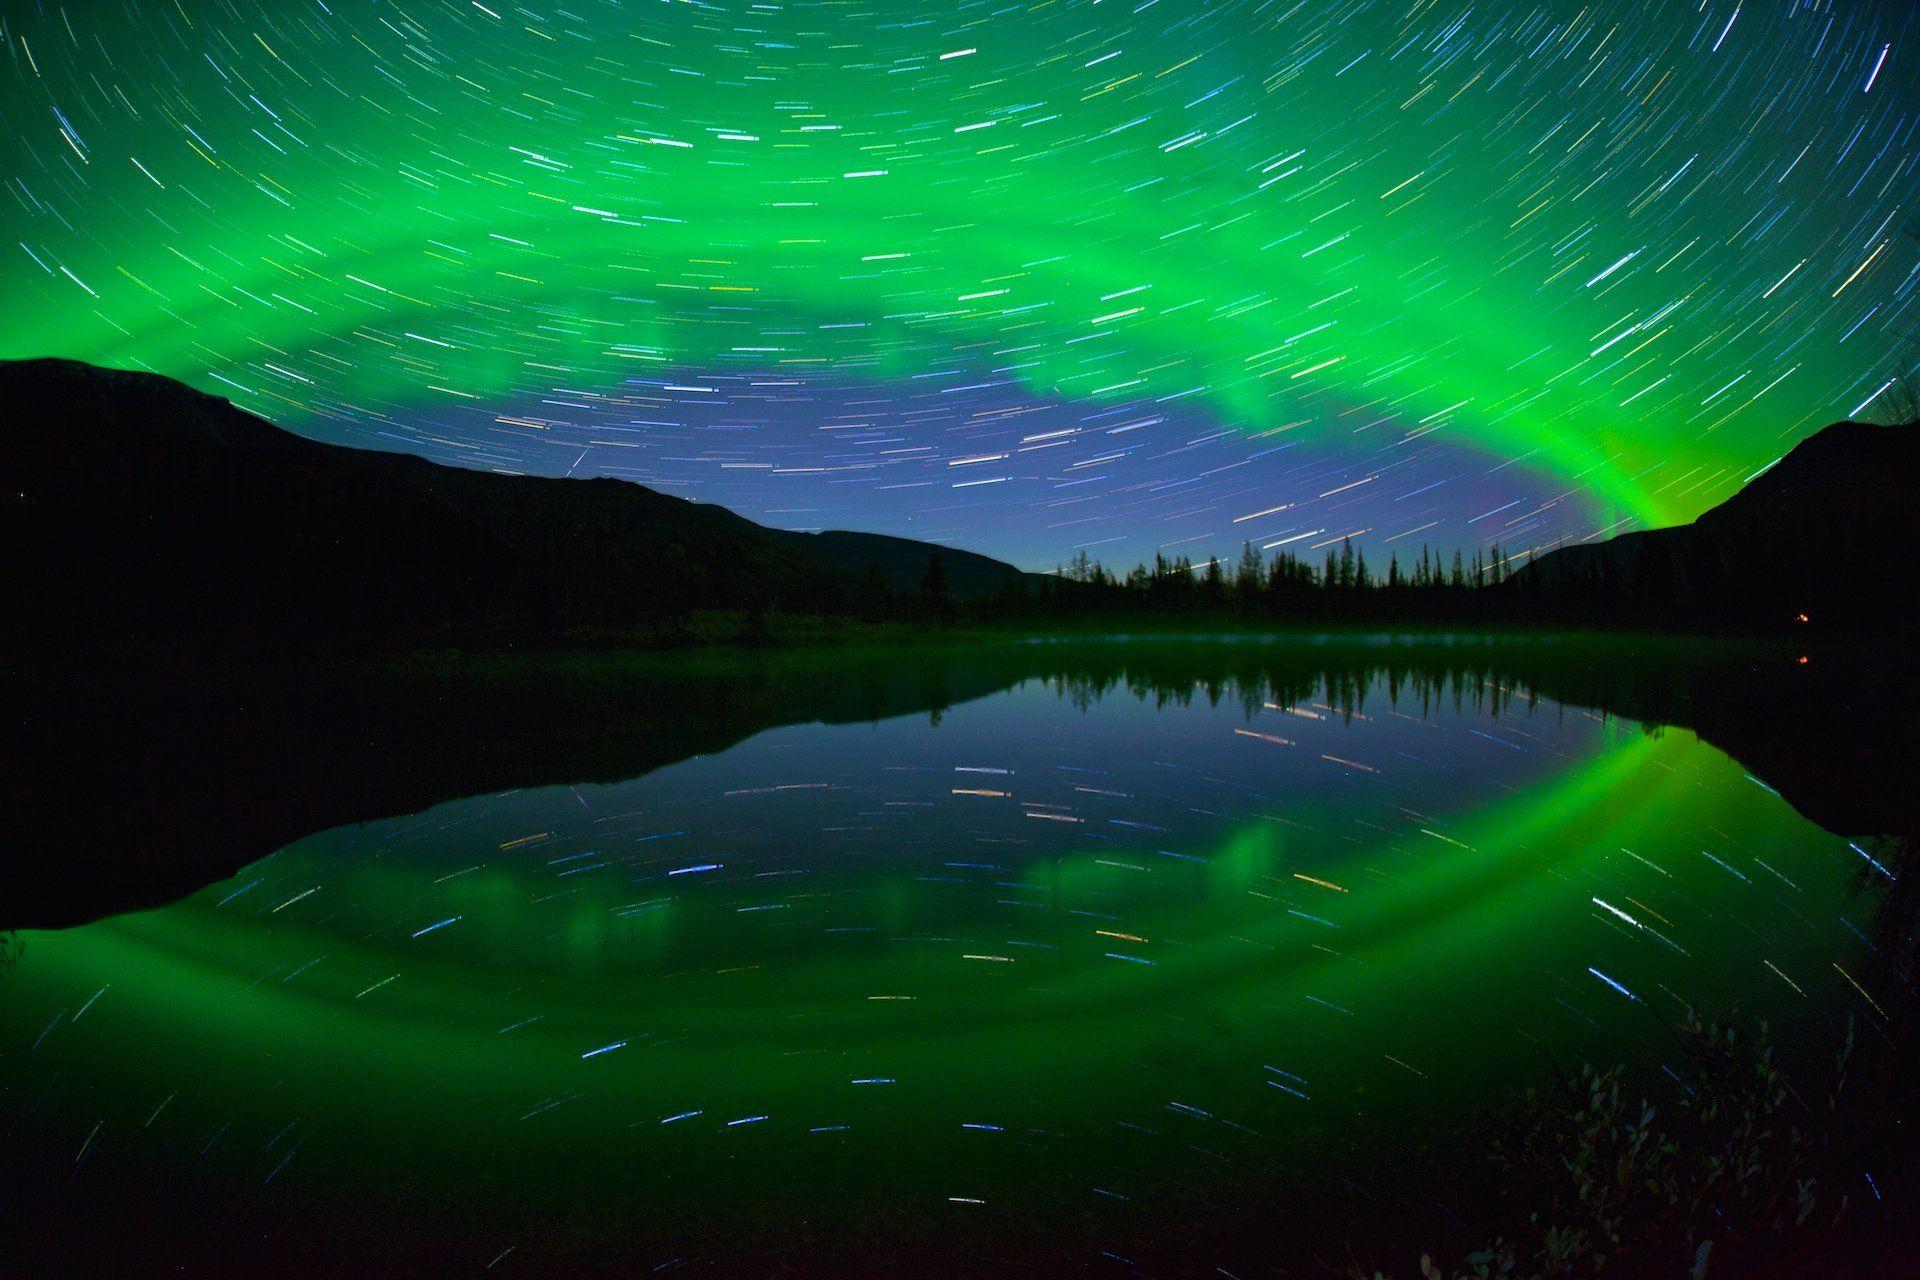 полярное сияние хибины ночь осень треки звезд озеро отражение, Никифоров Егор